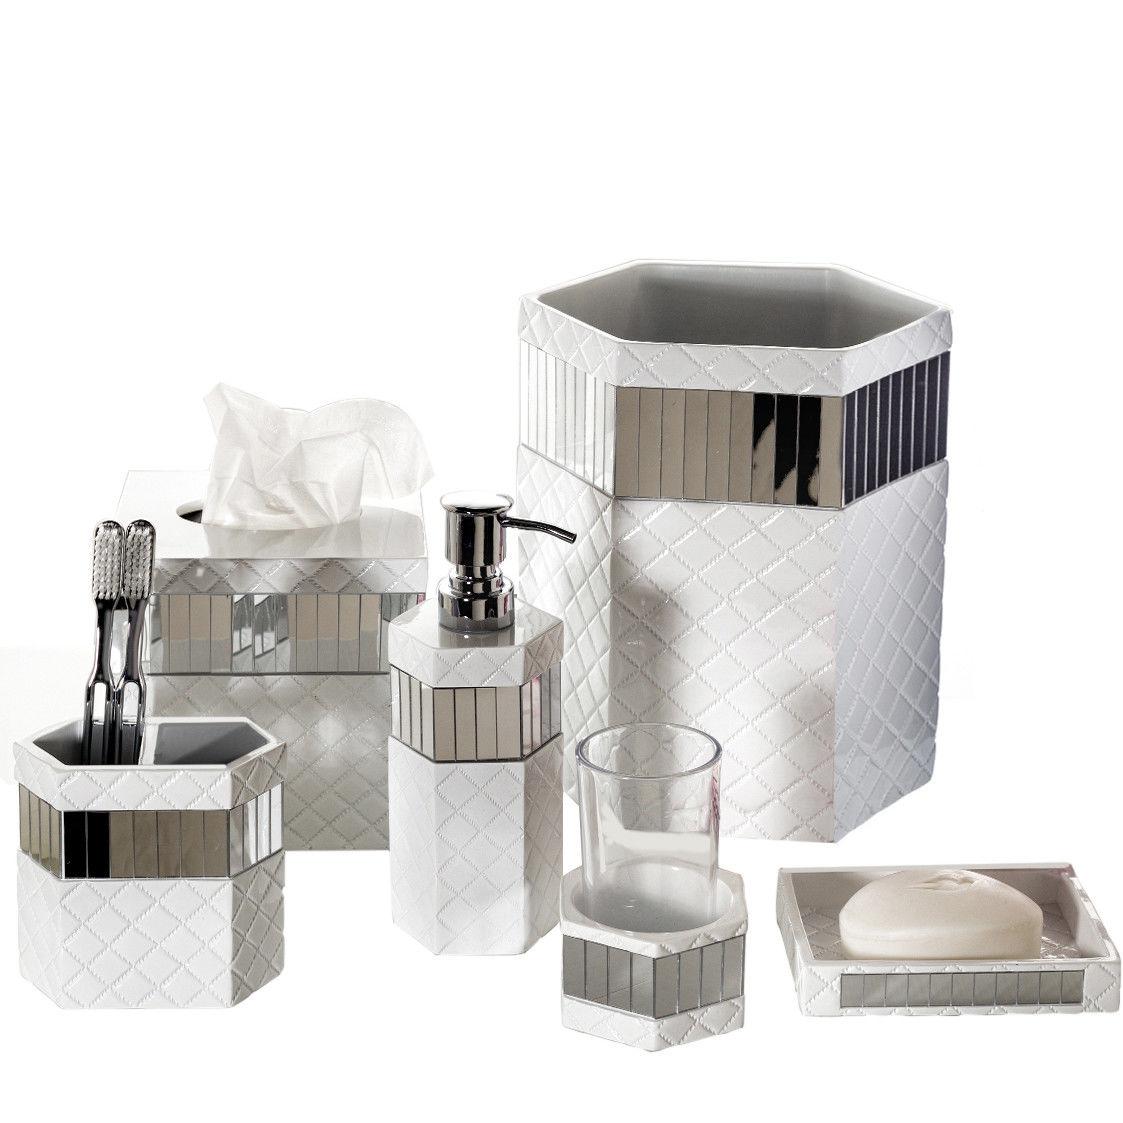 contemporary wayfair bathroom accessories architecture-Finest Wayfair Bathroom Accessories Décor